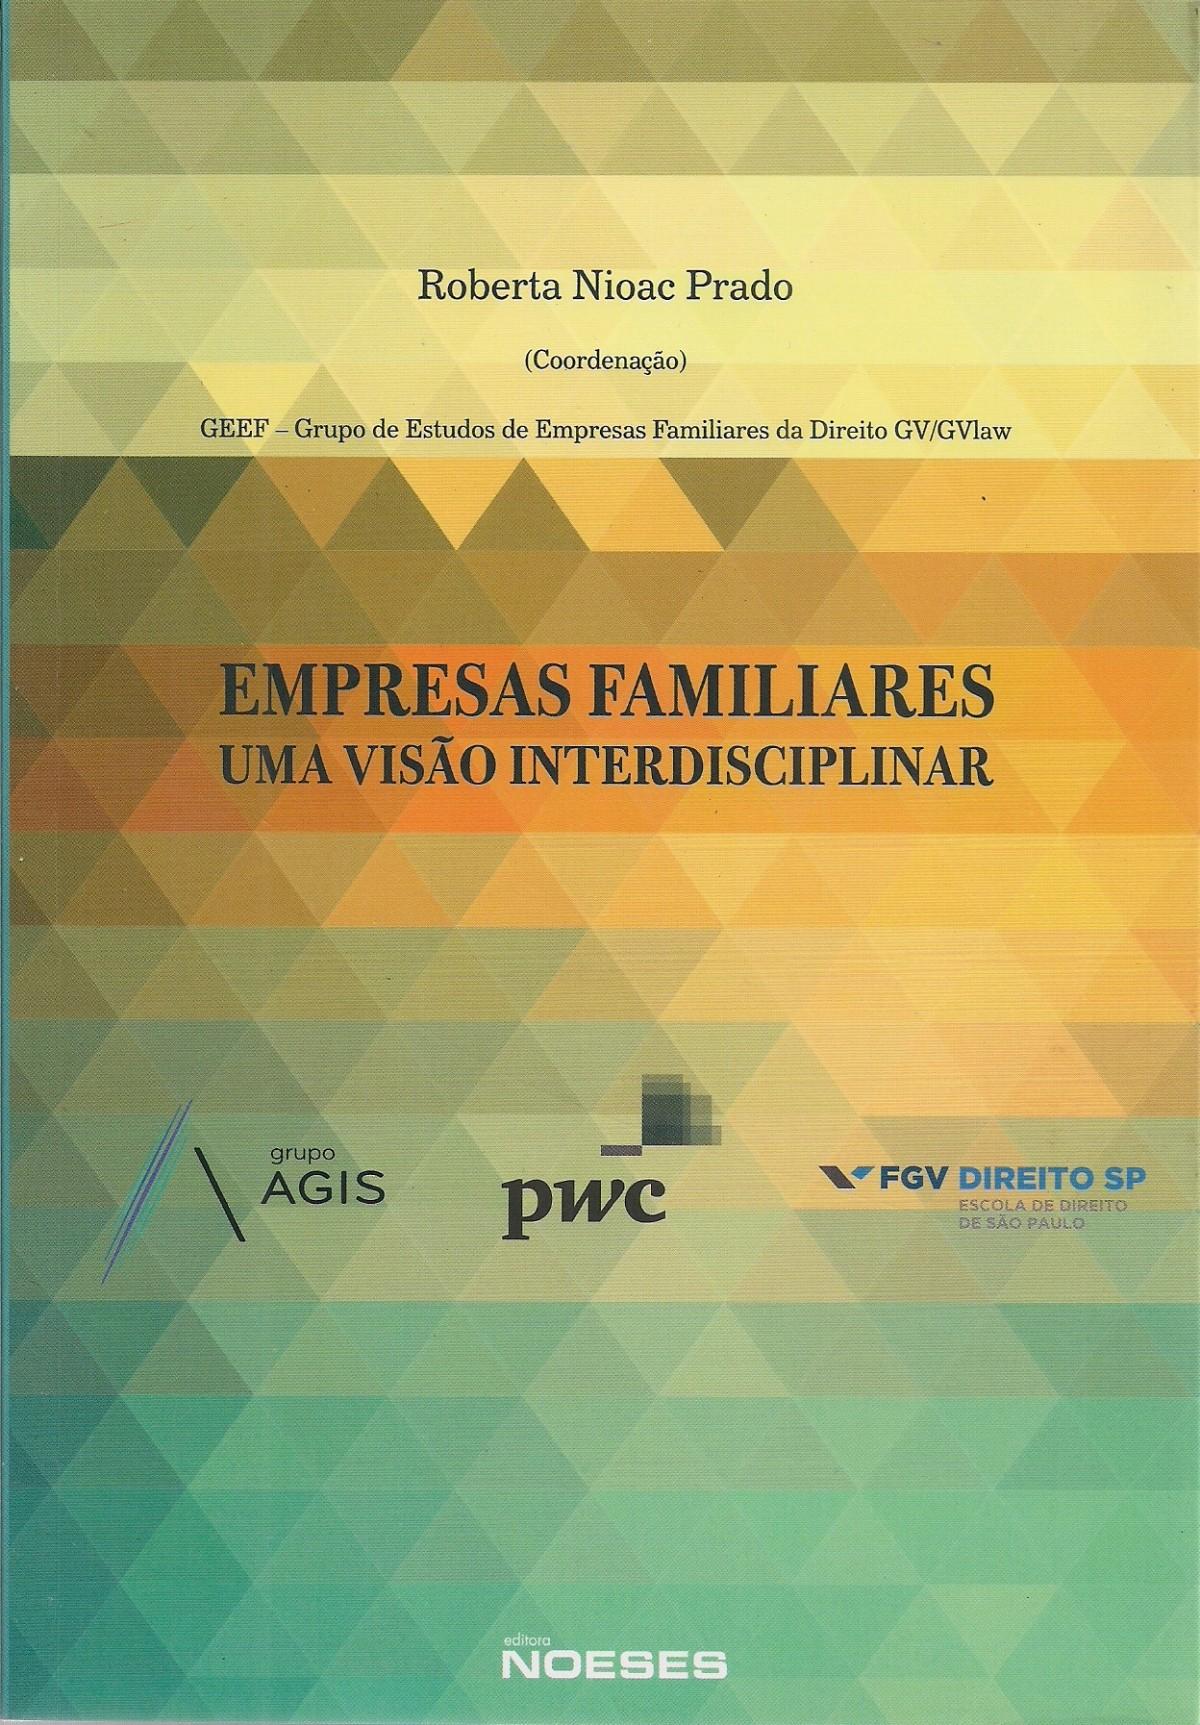 Foto 1 - Empresas Familiares: Uma Visão Interdisciplinar